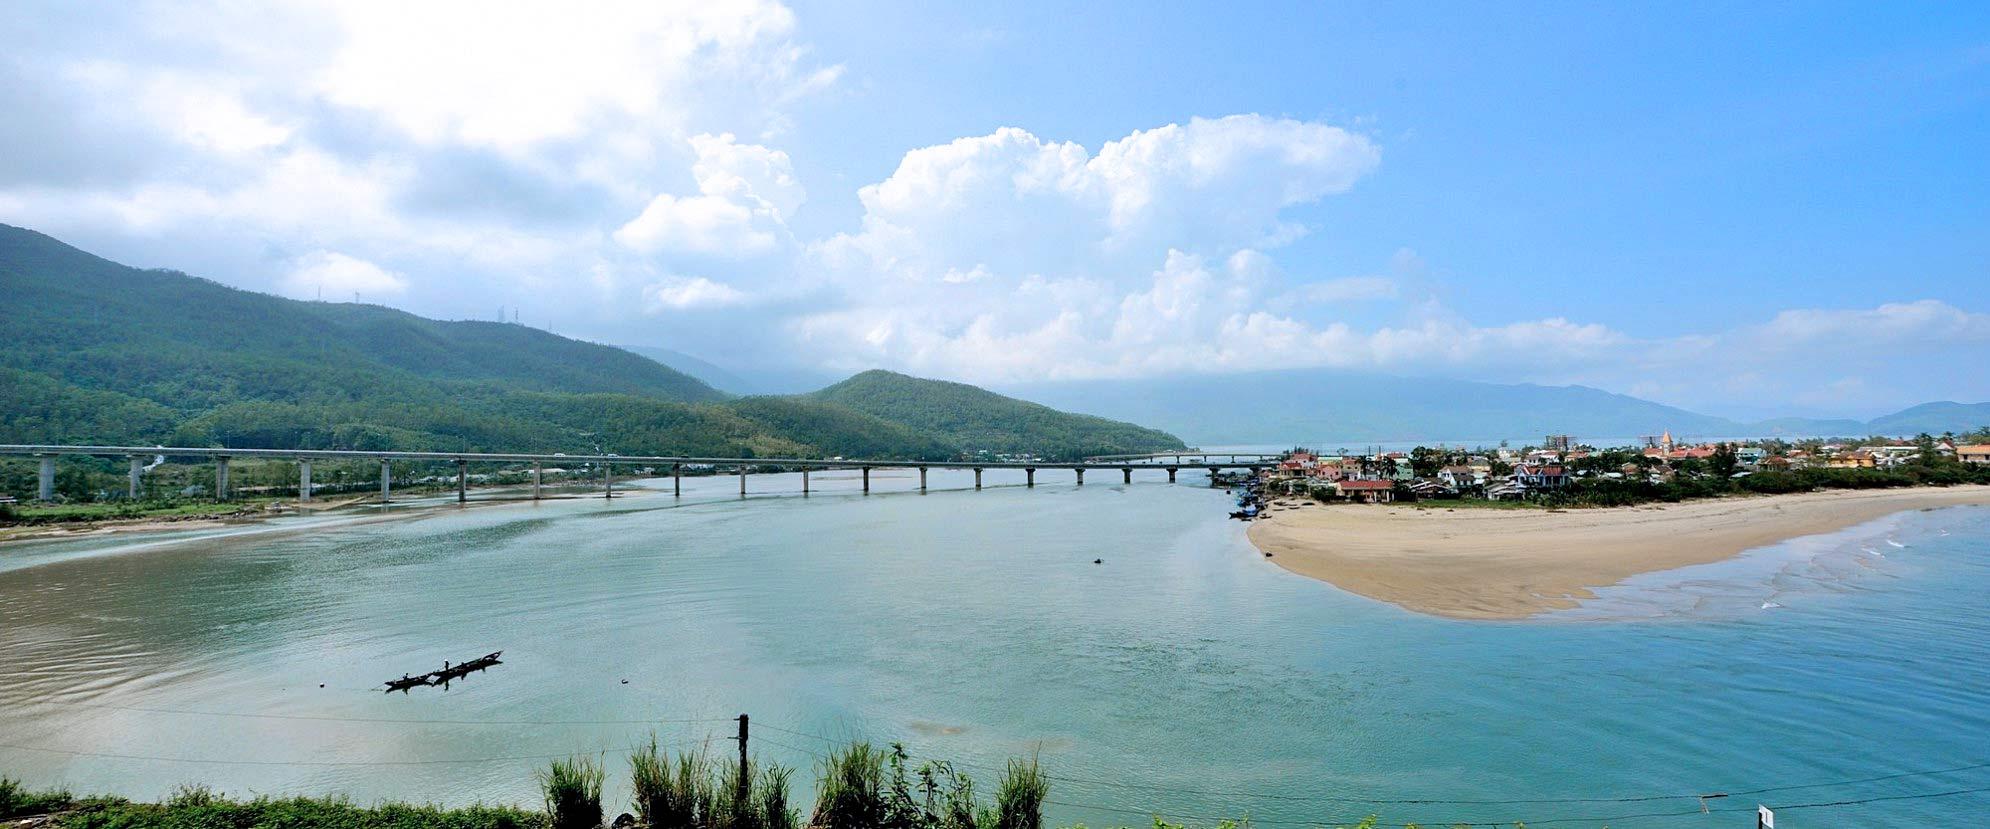 Hué, pont ferroviaire - Vietnam